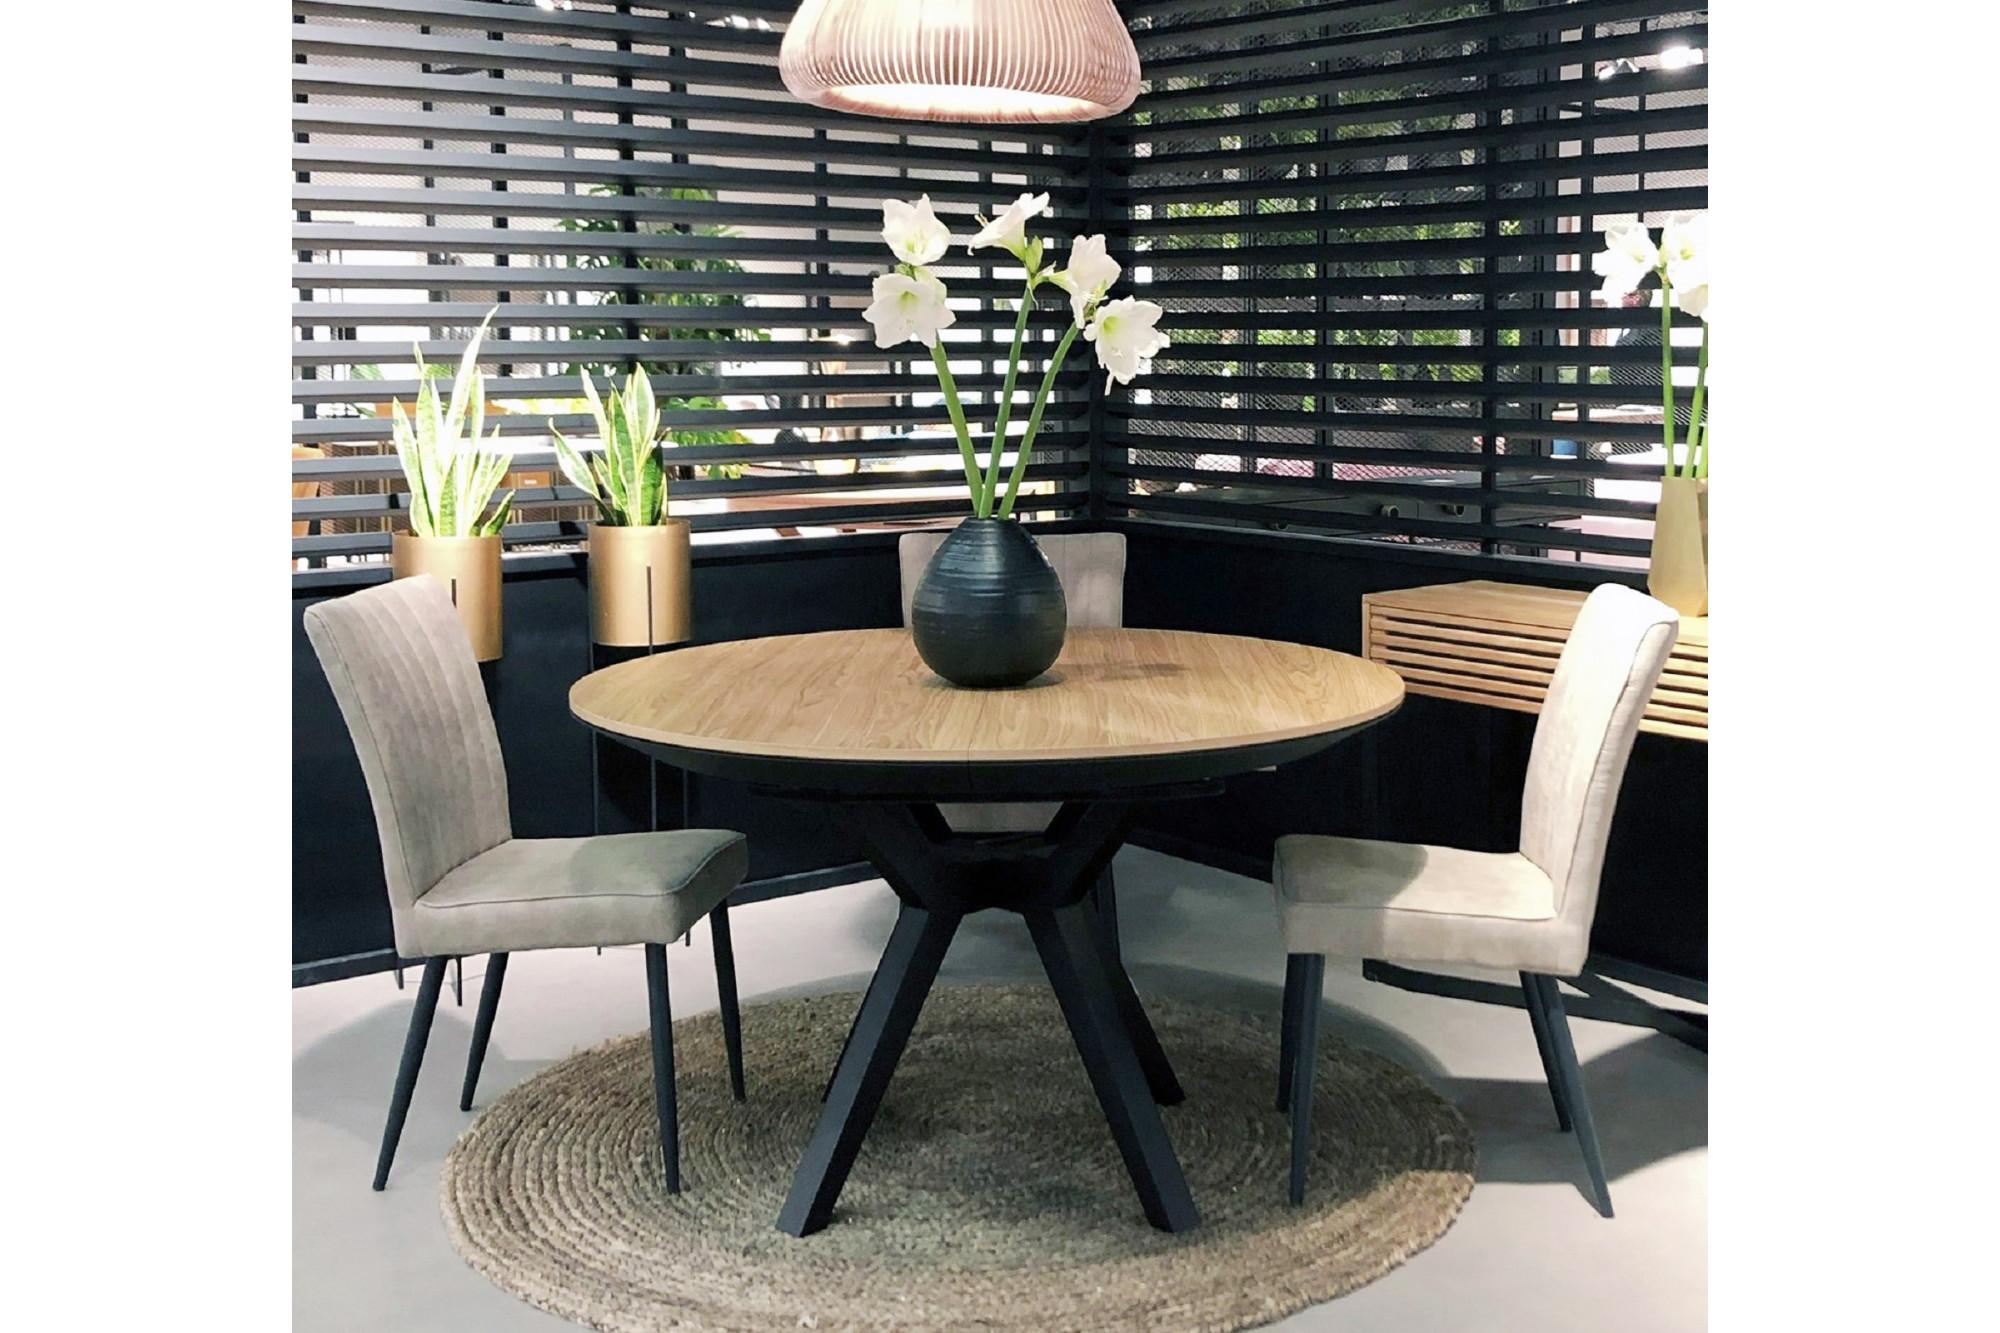 table ronde en chene et pieds croises bois d120 brighton